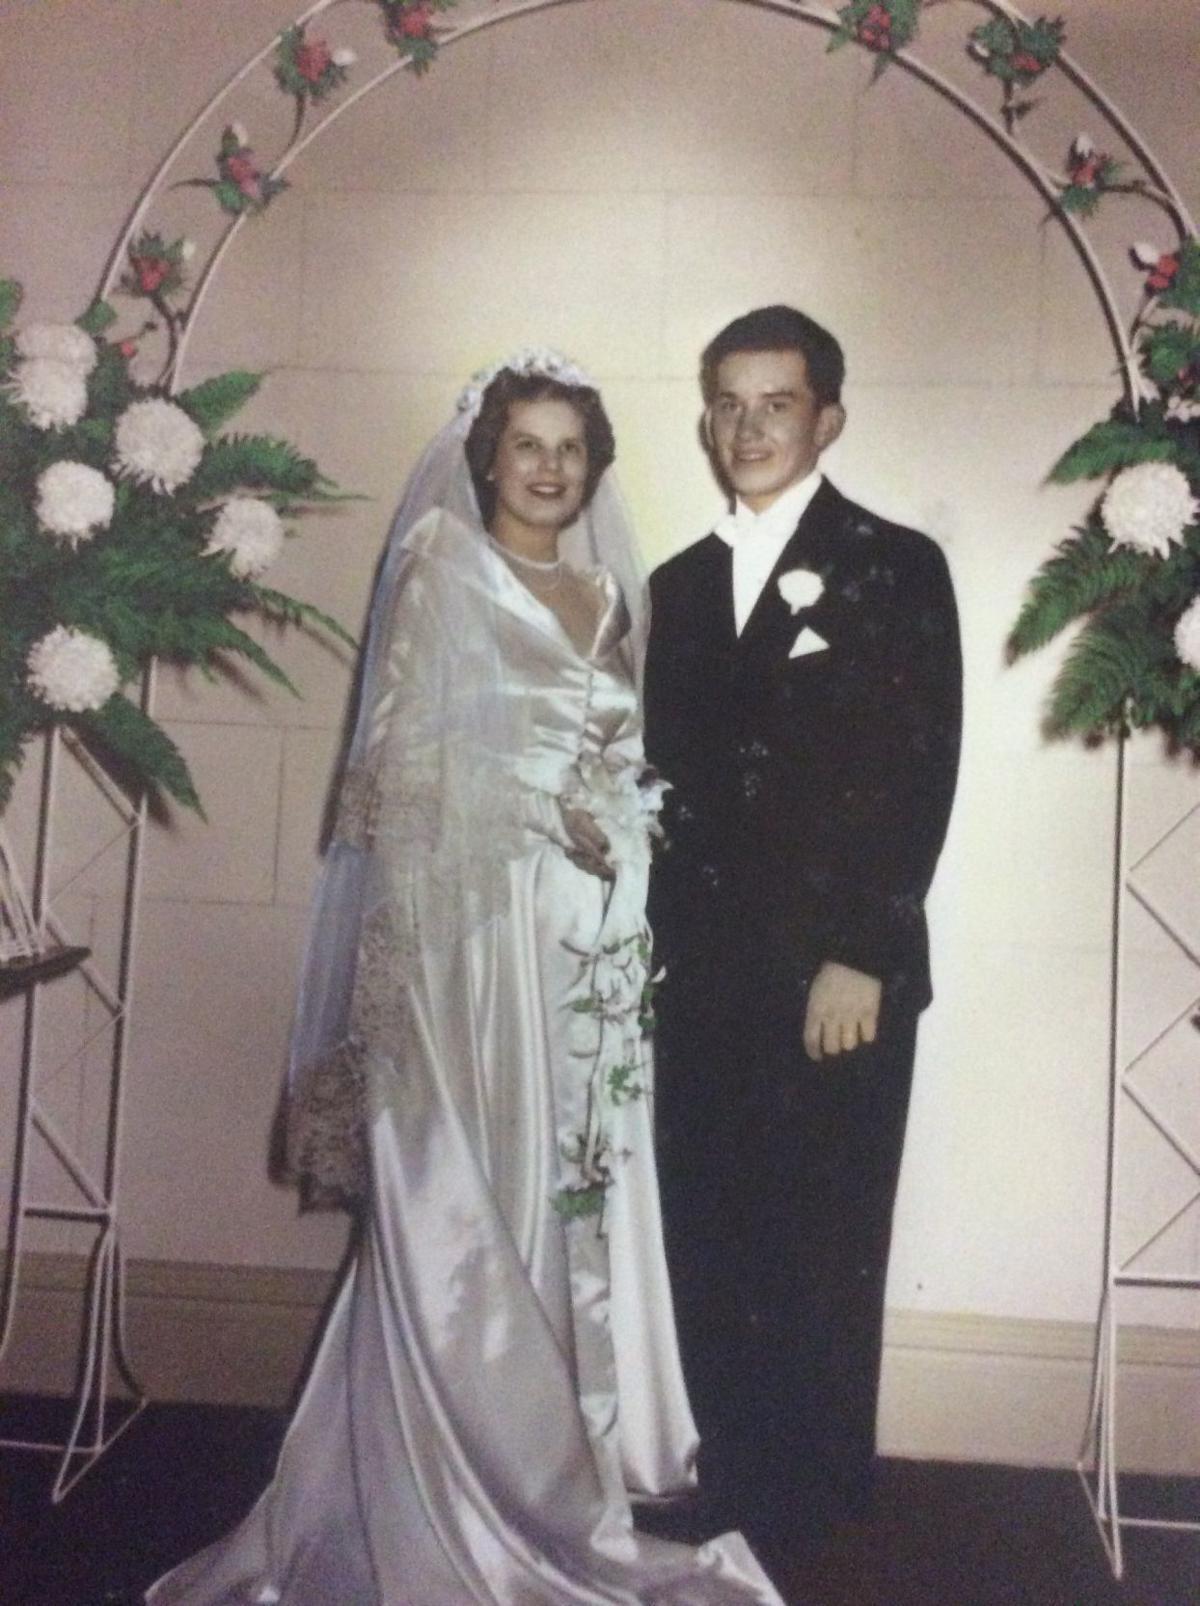 Celebrations Celebrating Eric And Carolyn S Wedding Latest Headlines Nwitimes Com